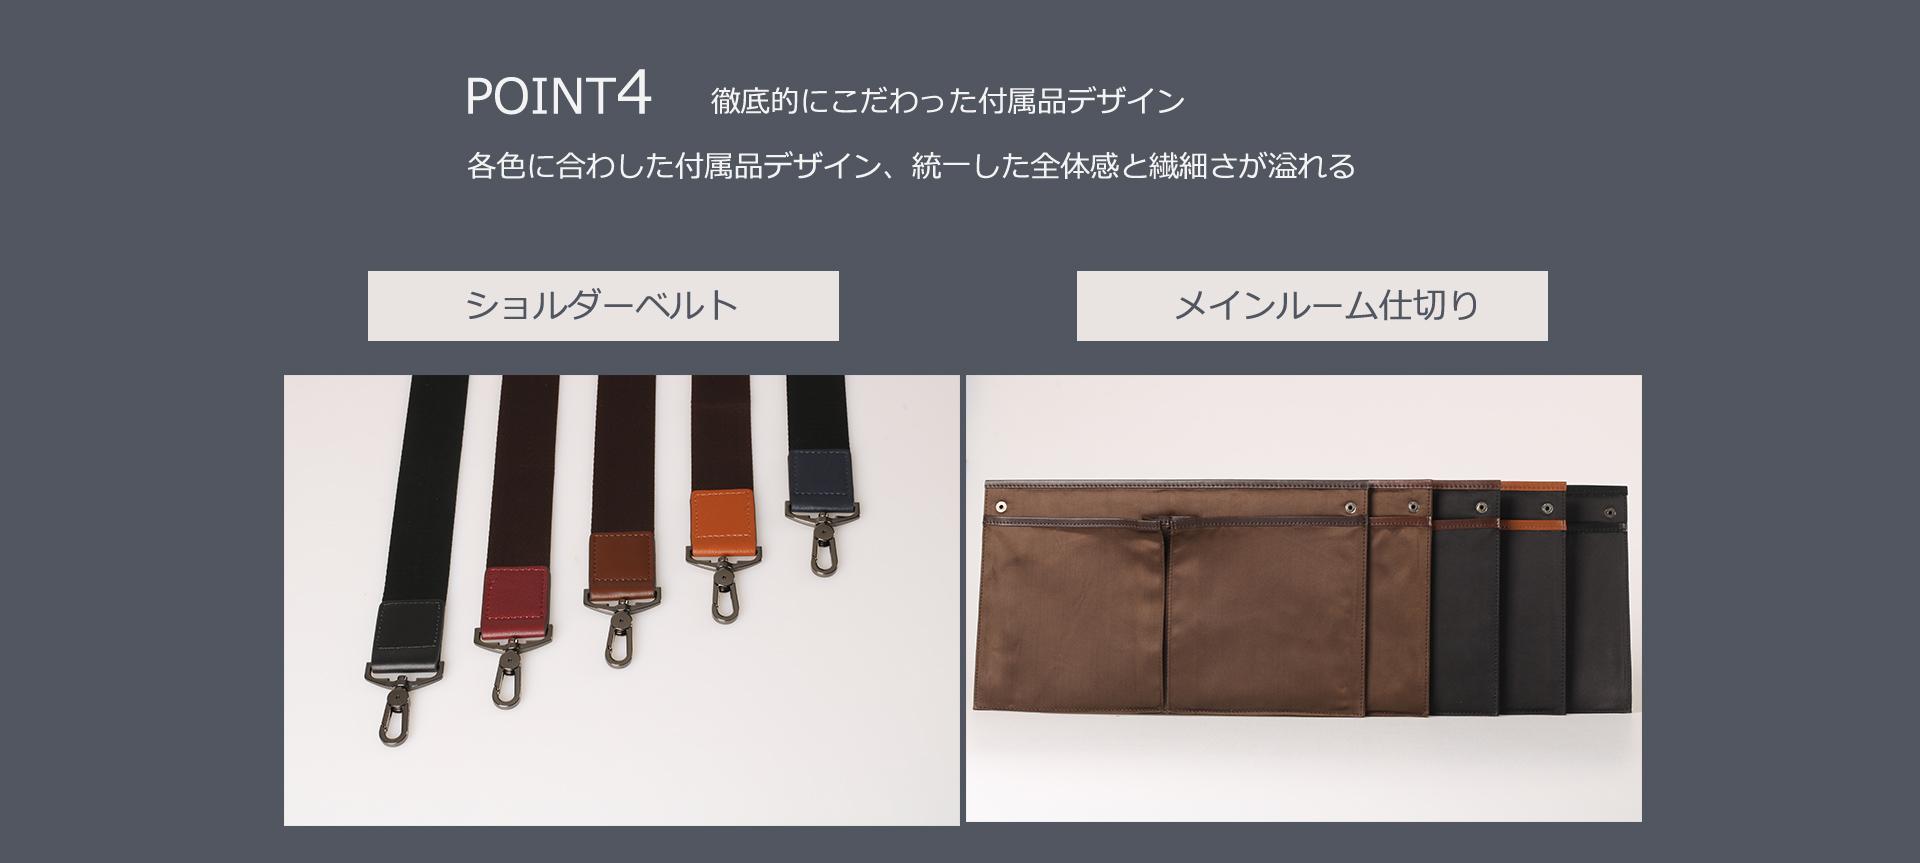 POINT5 徹底的にこだわった付属品デザイン 各色に合わせた付属品デザイン、統一した全体感と繊細さが溢れる ショルダーベルト/メインルーム仕切り